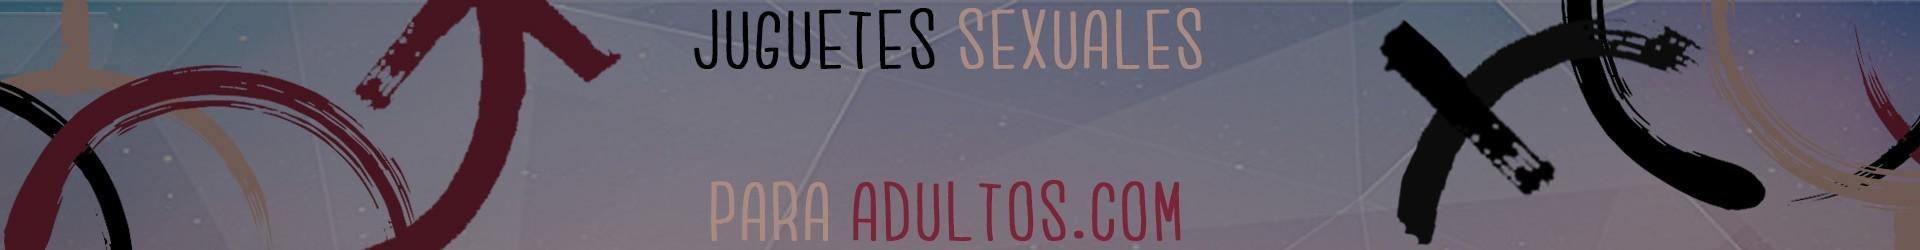 Sado - Juguetes Sexuales para Adultos Sex Shop